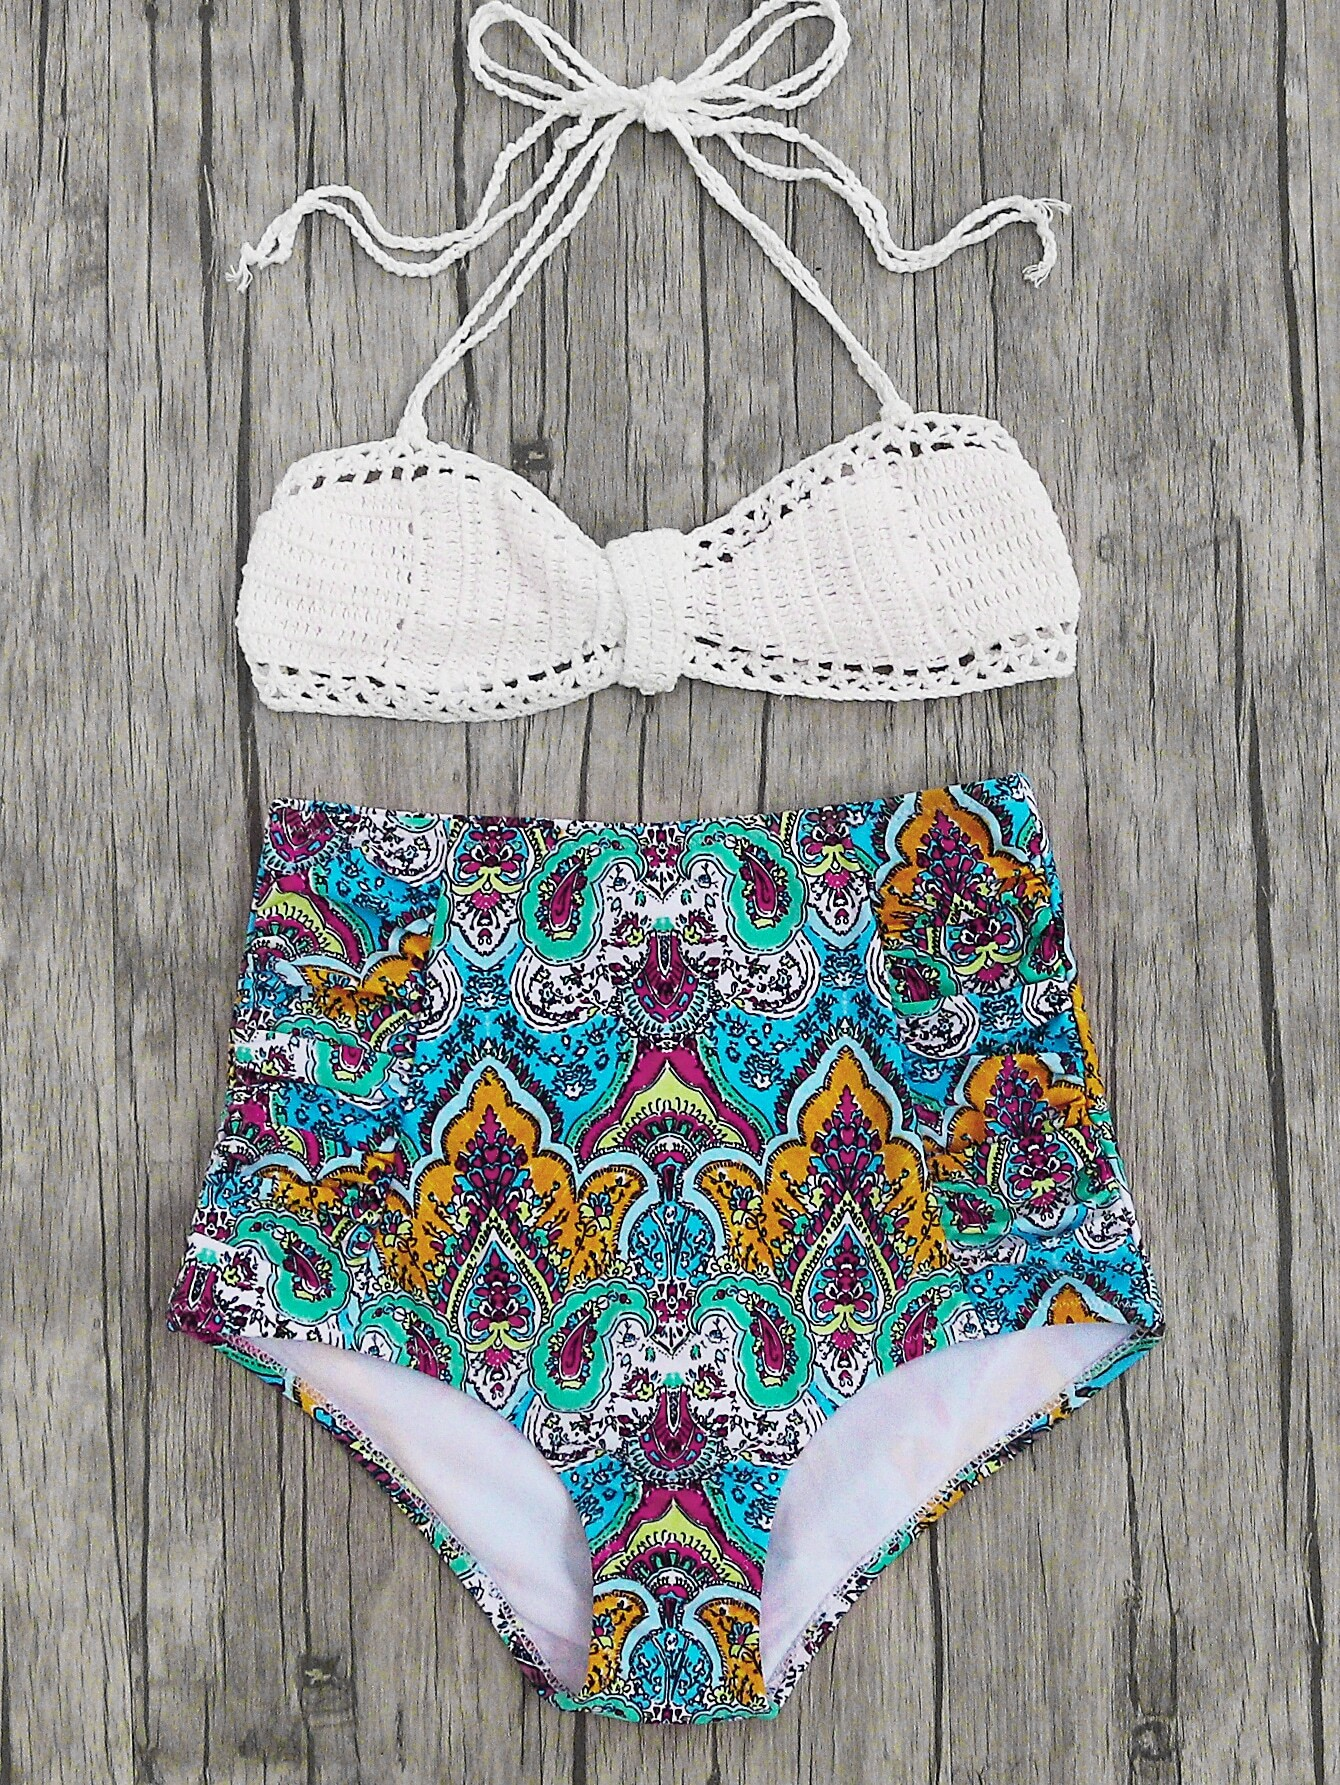 Tribal Print High Waist Crochet Bikini Set swimwear170407326